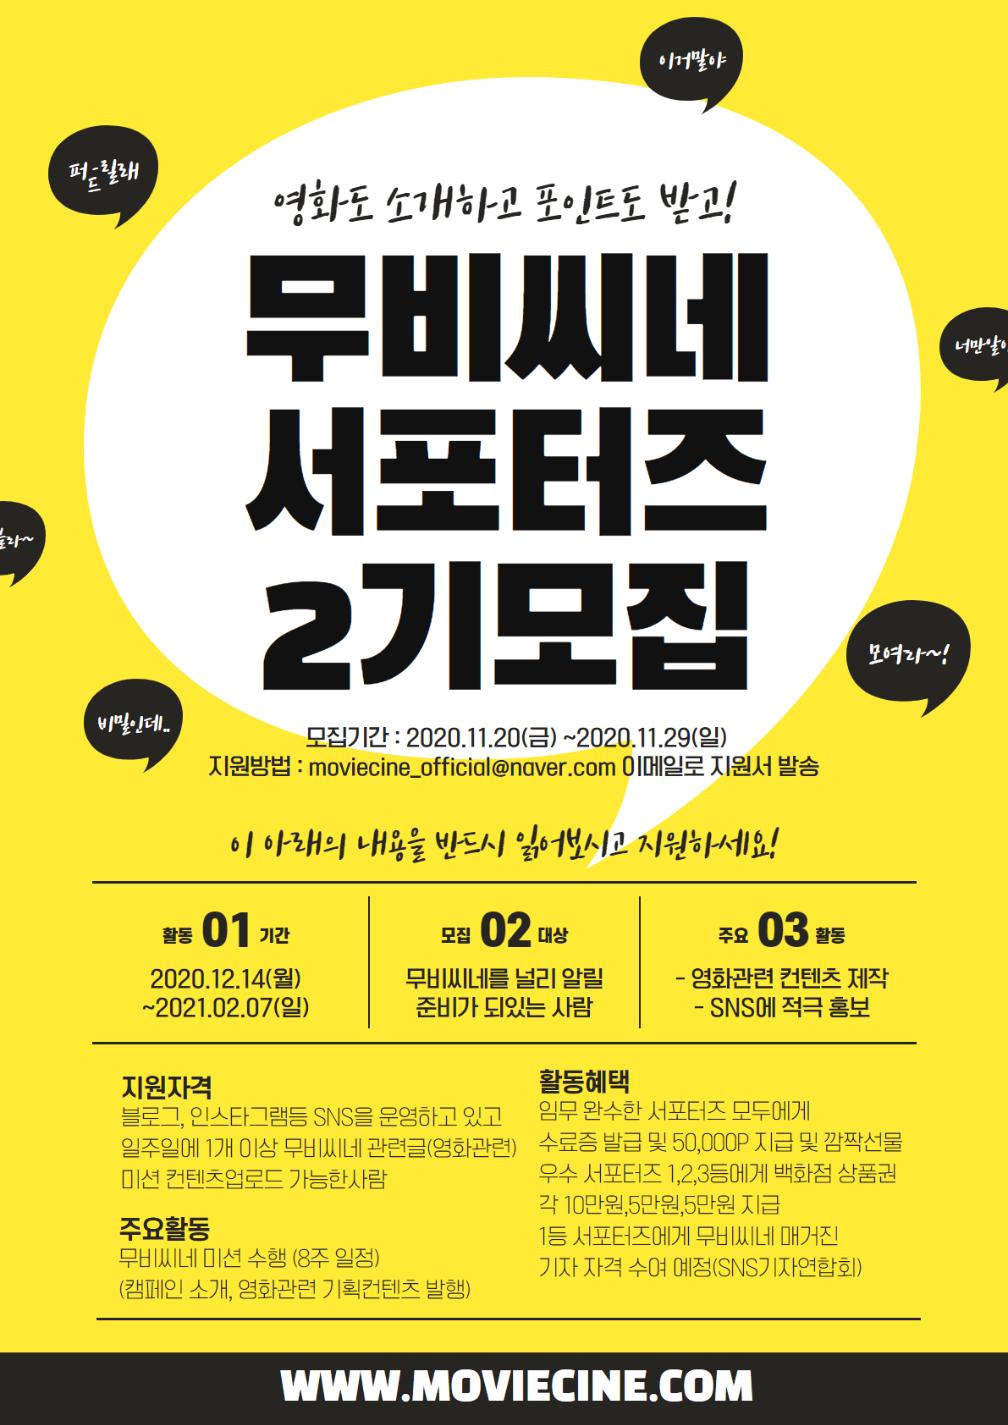 서포터즈 모집공고 (2).png